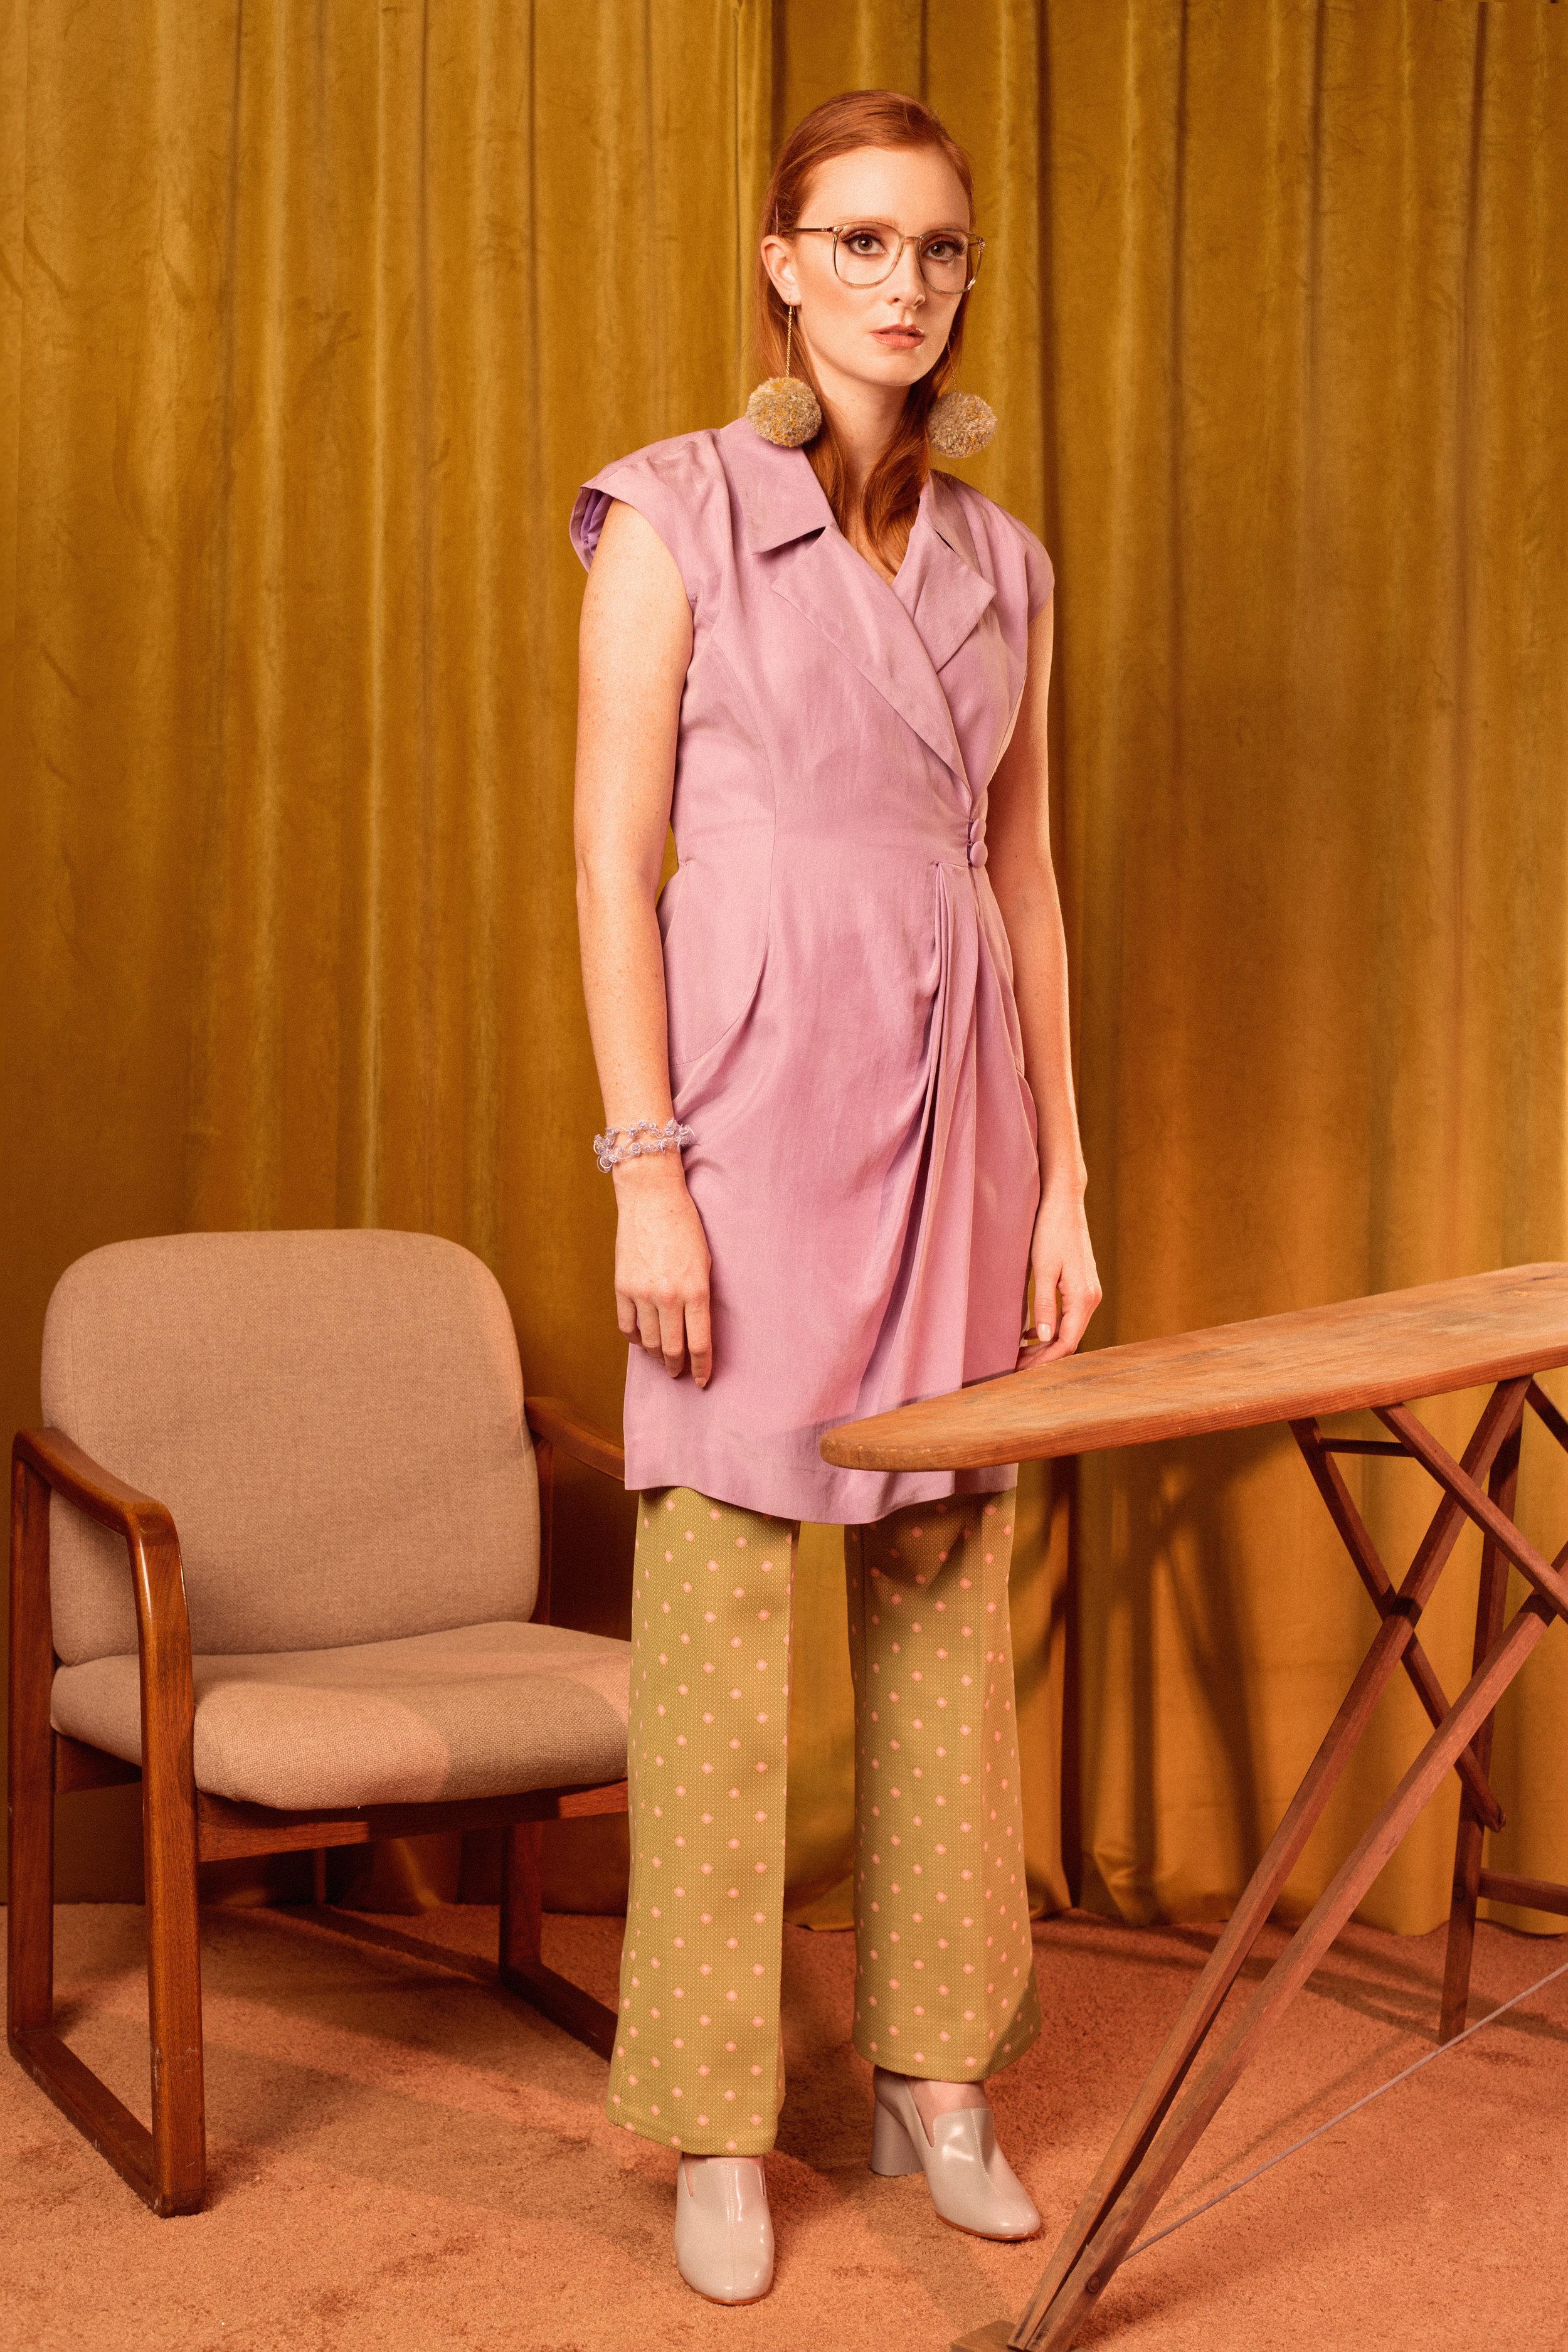 Shoes: Rachel Comey  Pants & Vest: Vintage  Bracelet & earrings: Claire Drennan Knitwear